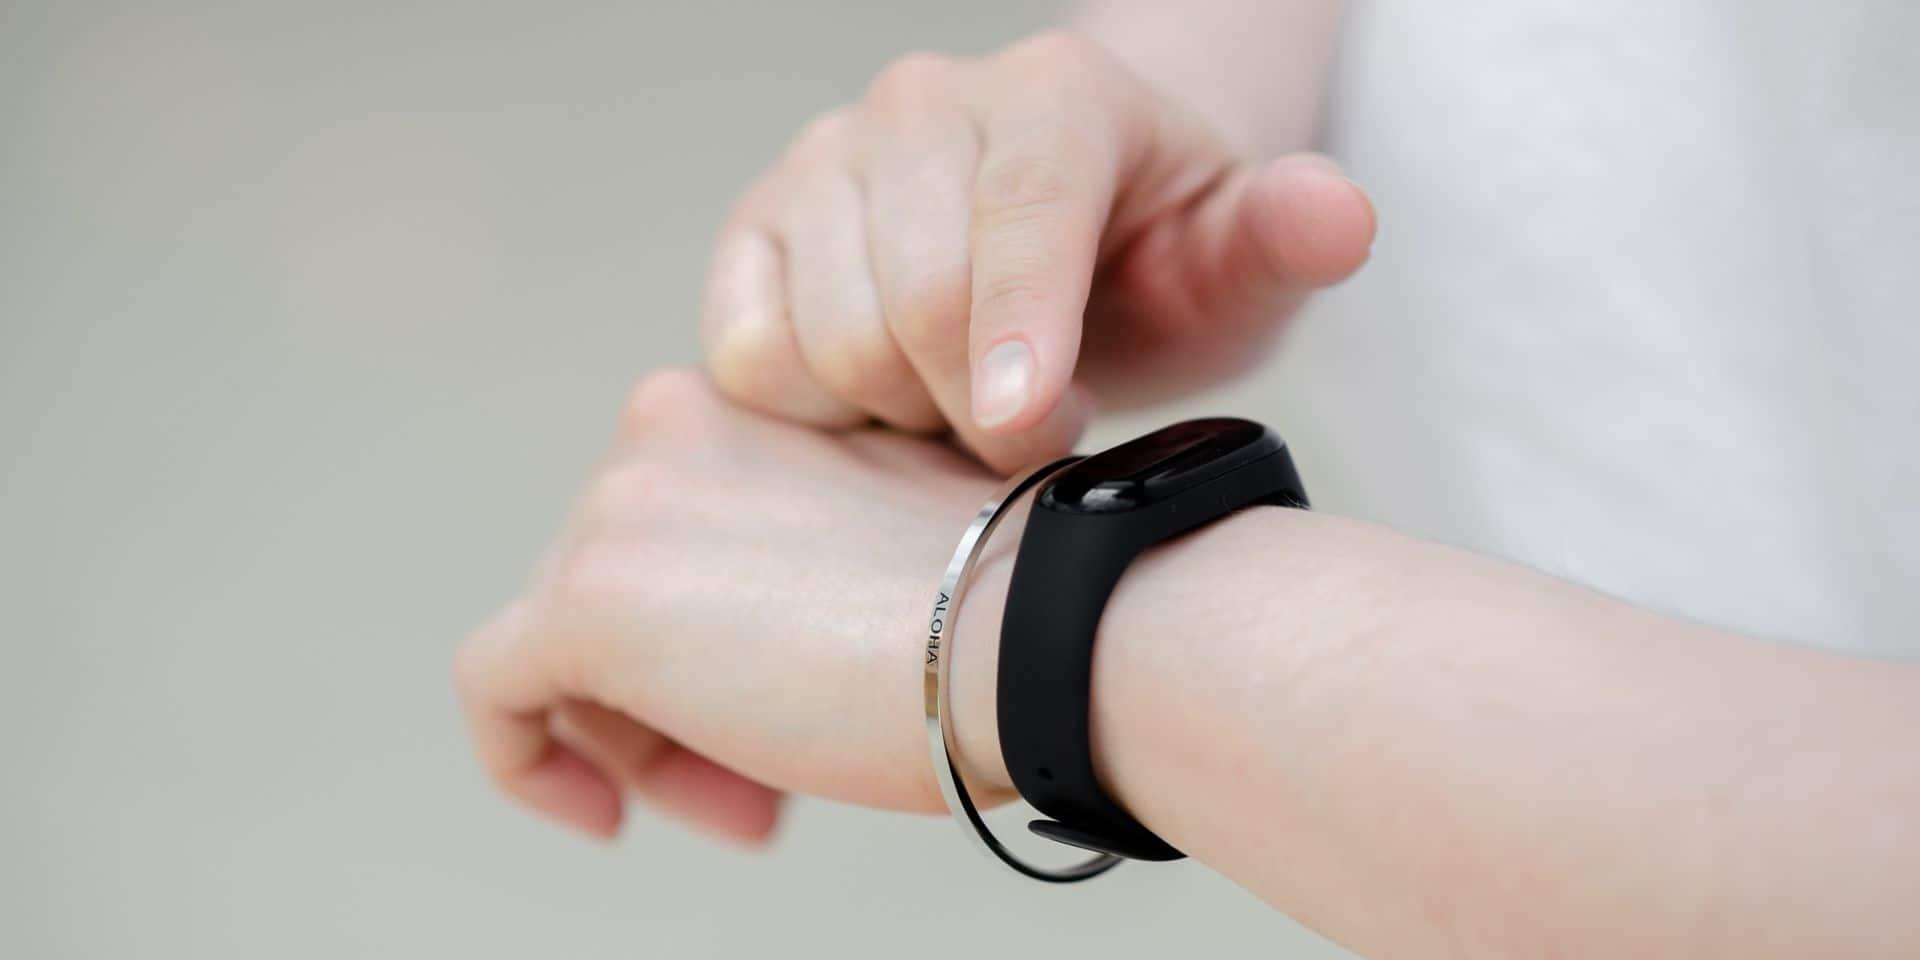 Porter sa carte bancaire autour du poignet ? C'est possible avec ce bracelet